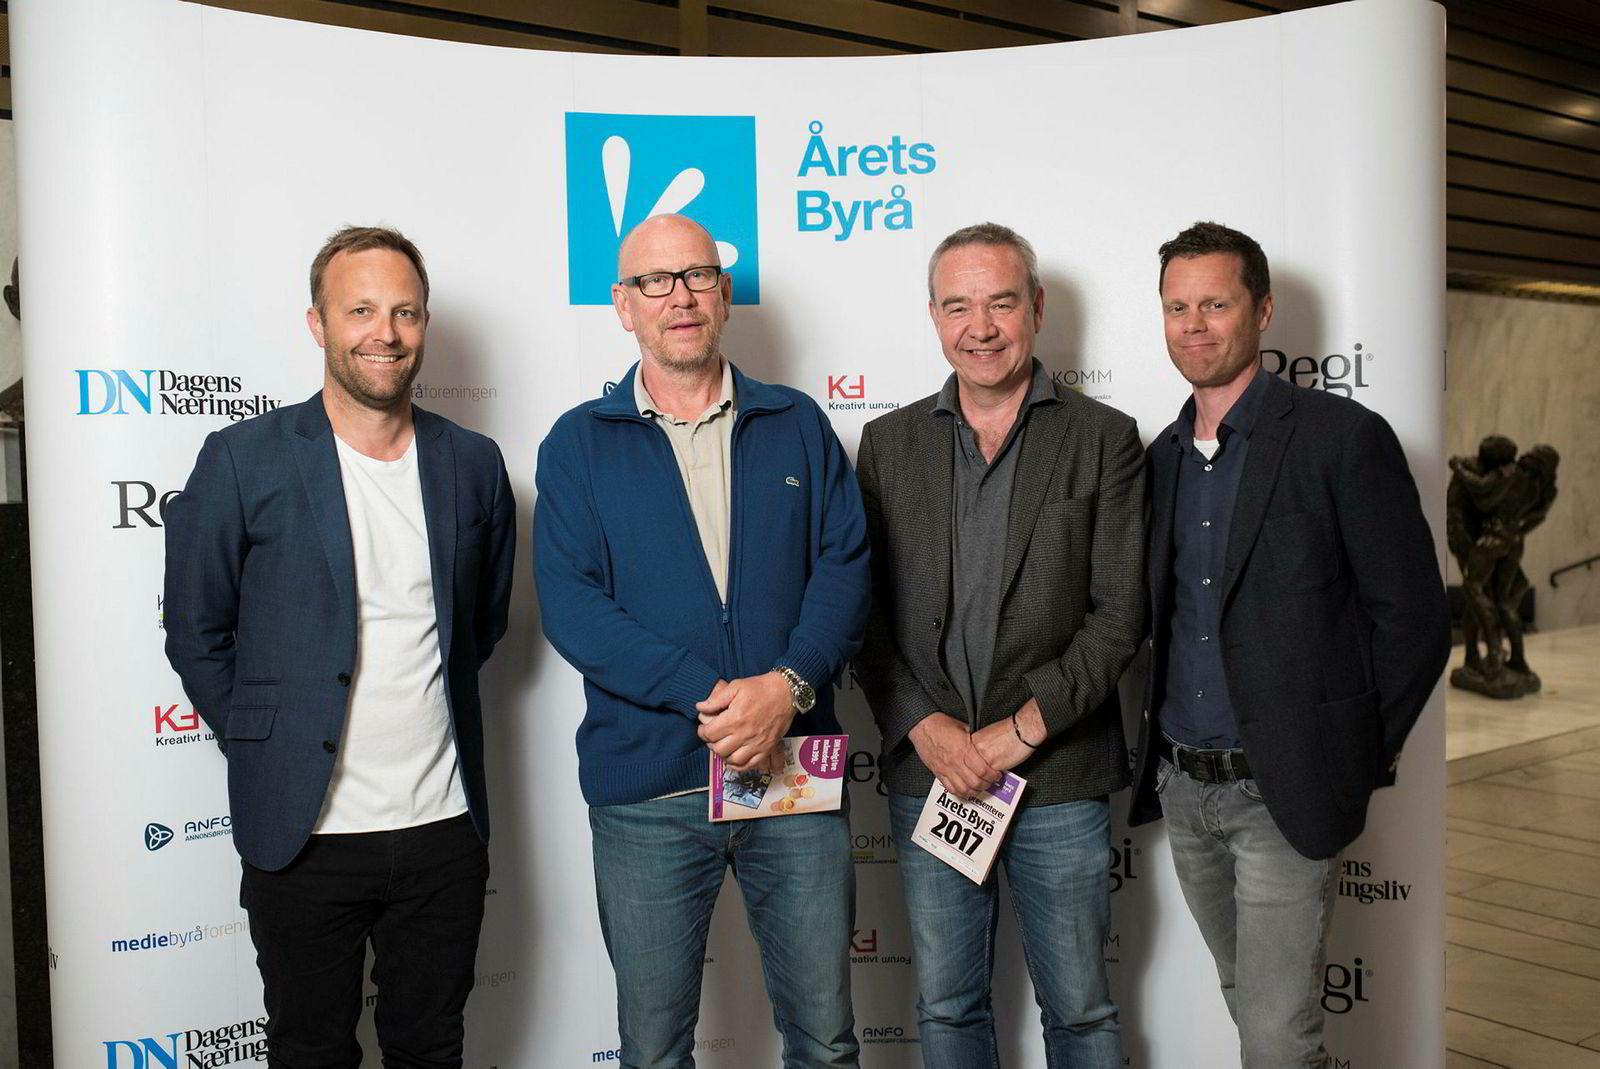 Reklamekongen Kjetil Try kom rett fra legen med forkjølelse, men skulle ha med seg Årets Byrå. Fra venstre: Sindre Beyer, Kjetil Try, Arne Eggen og Kaare Øystein Trædal i TRY.